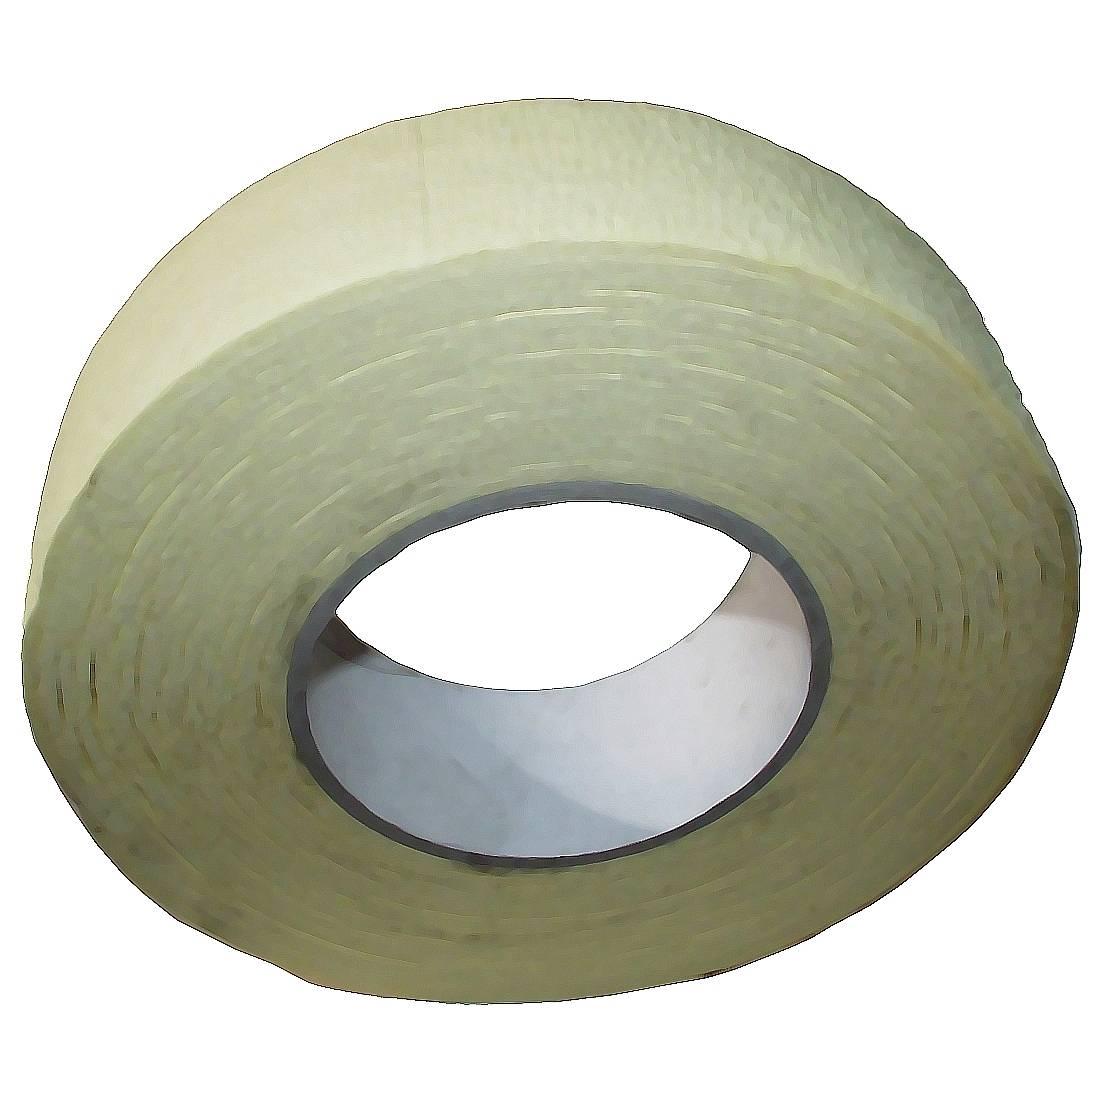 Feinkreppband T721, 38 mm x 50 m / Rolle